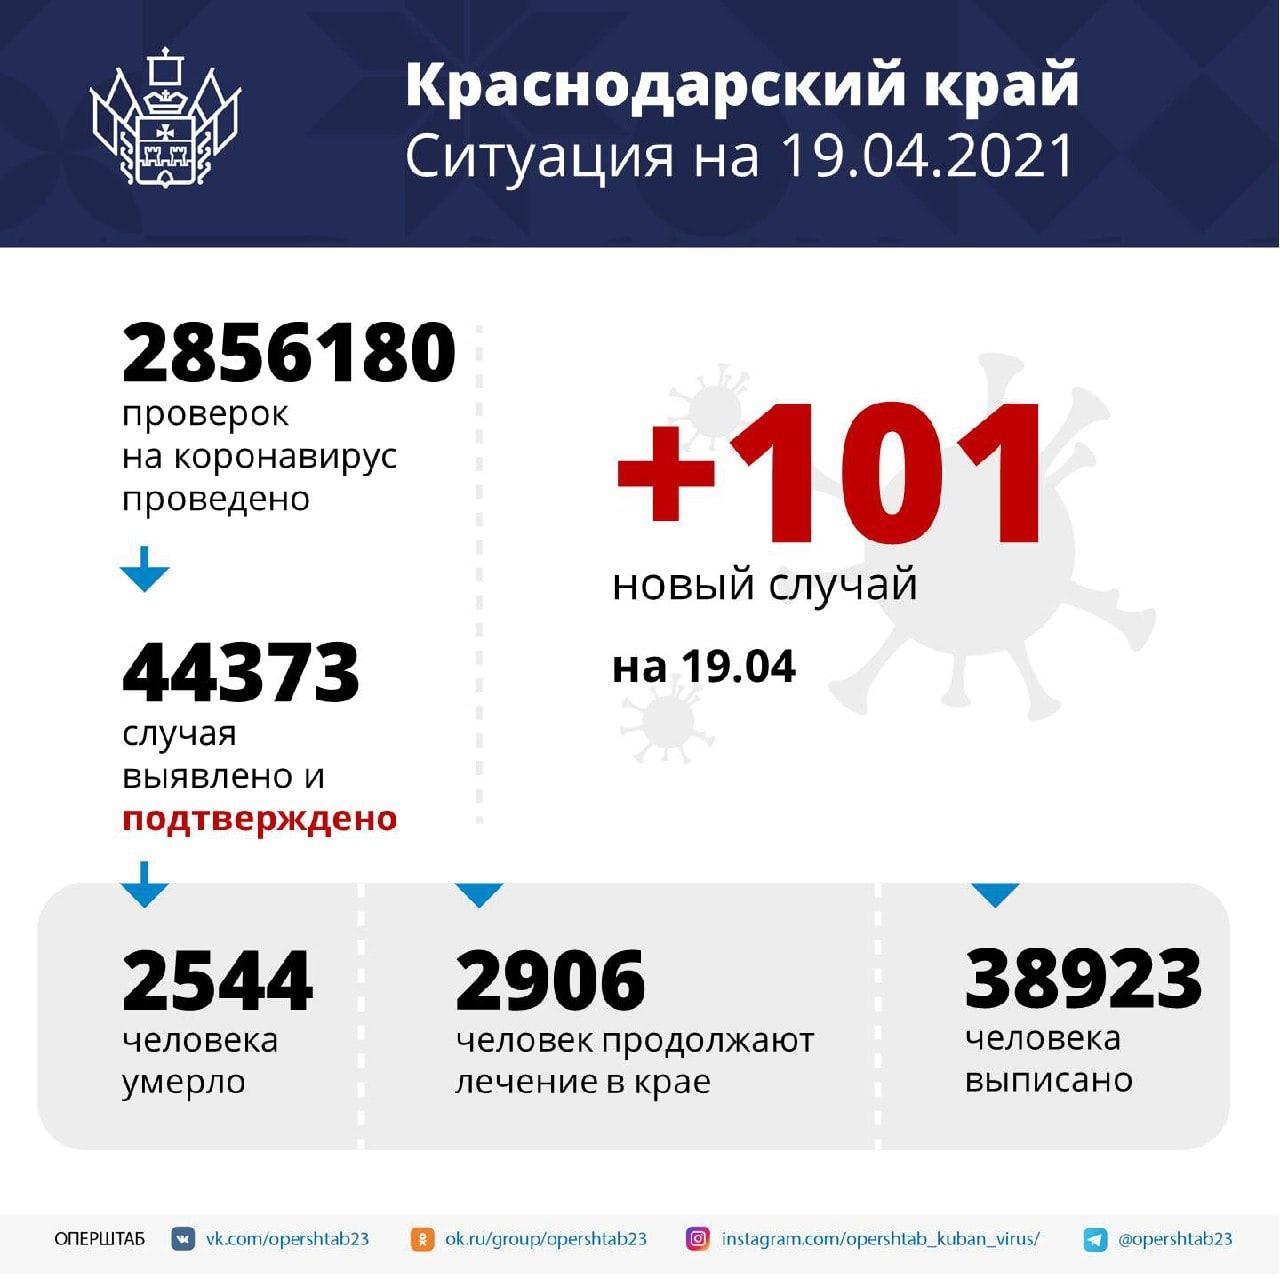 На Кубани за сутки подтвердили 101 новый случай...